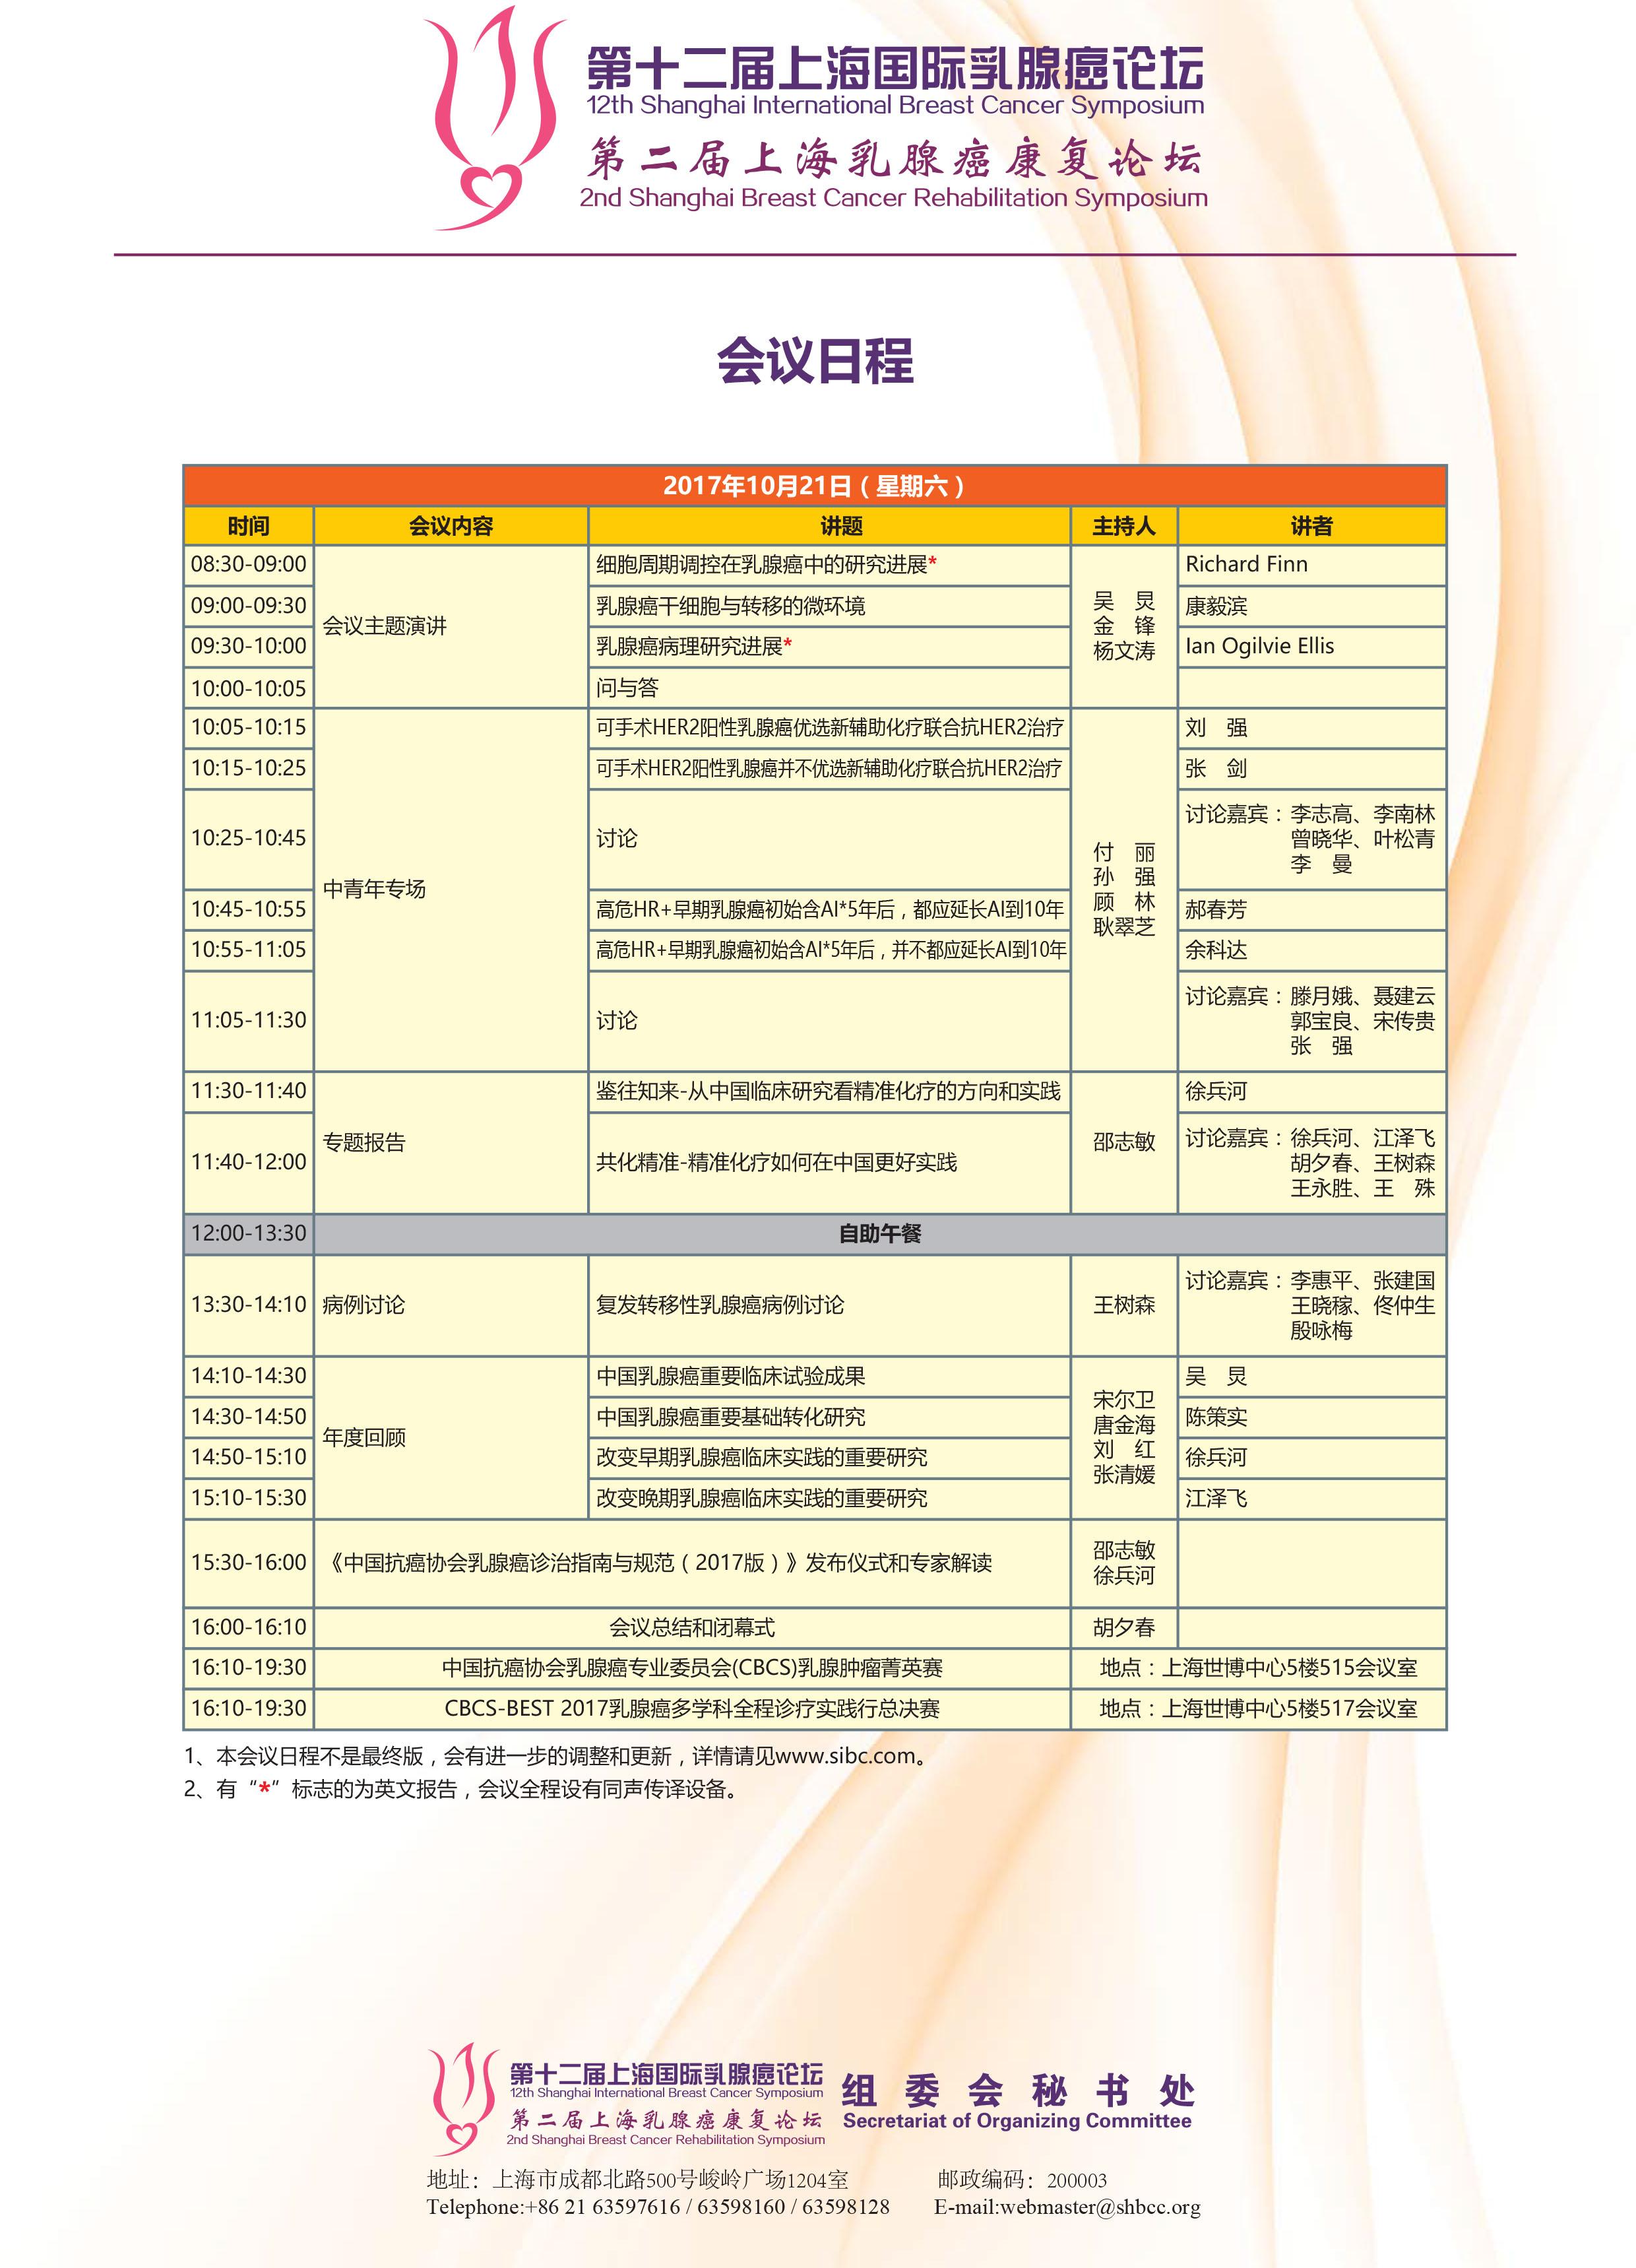 讲者邀请函 210x297版本.ai